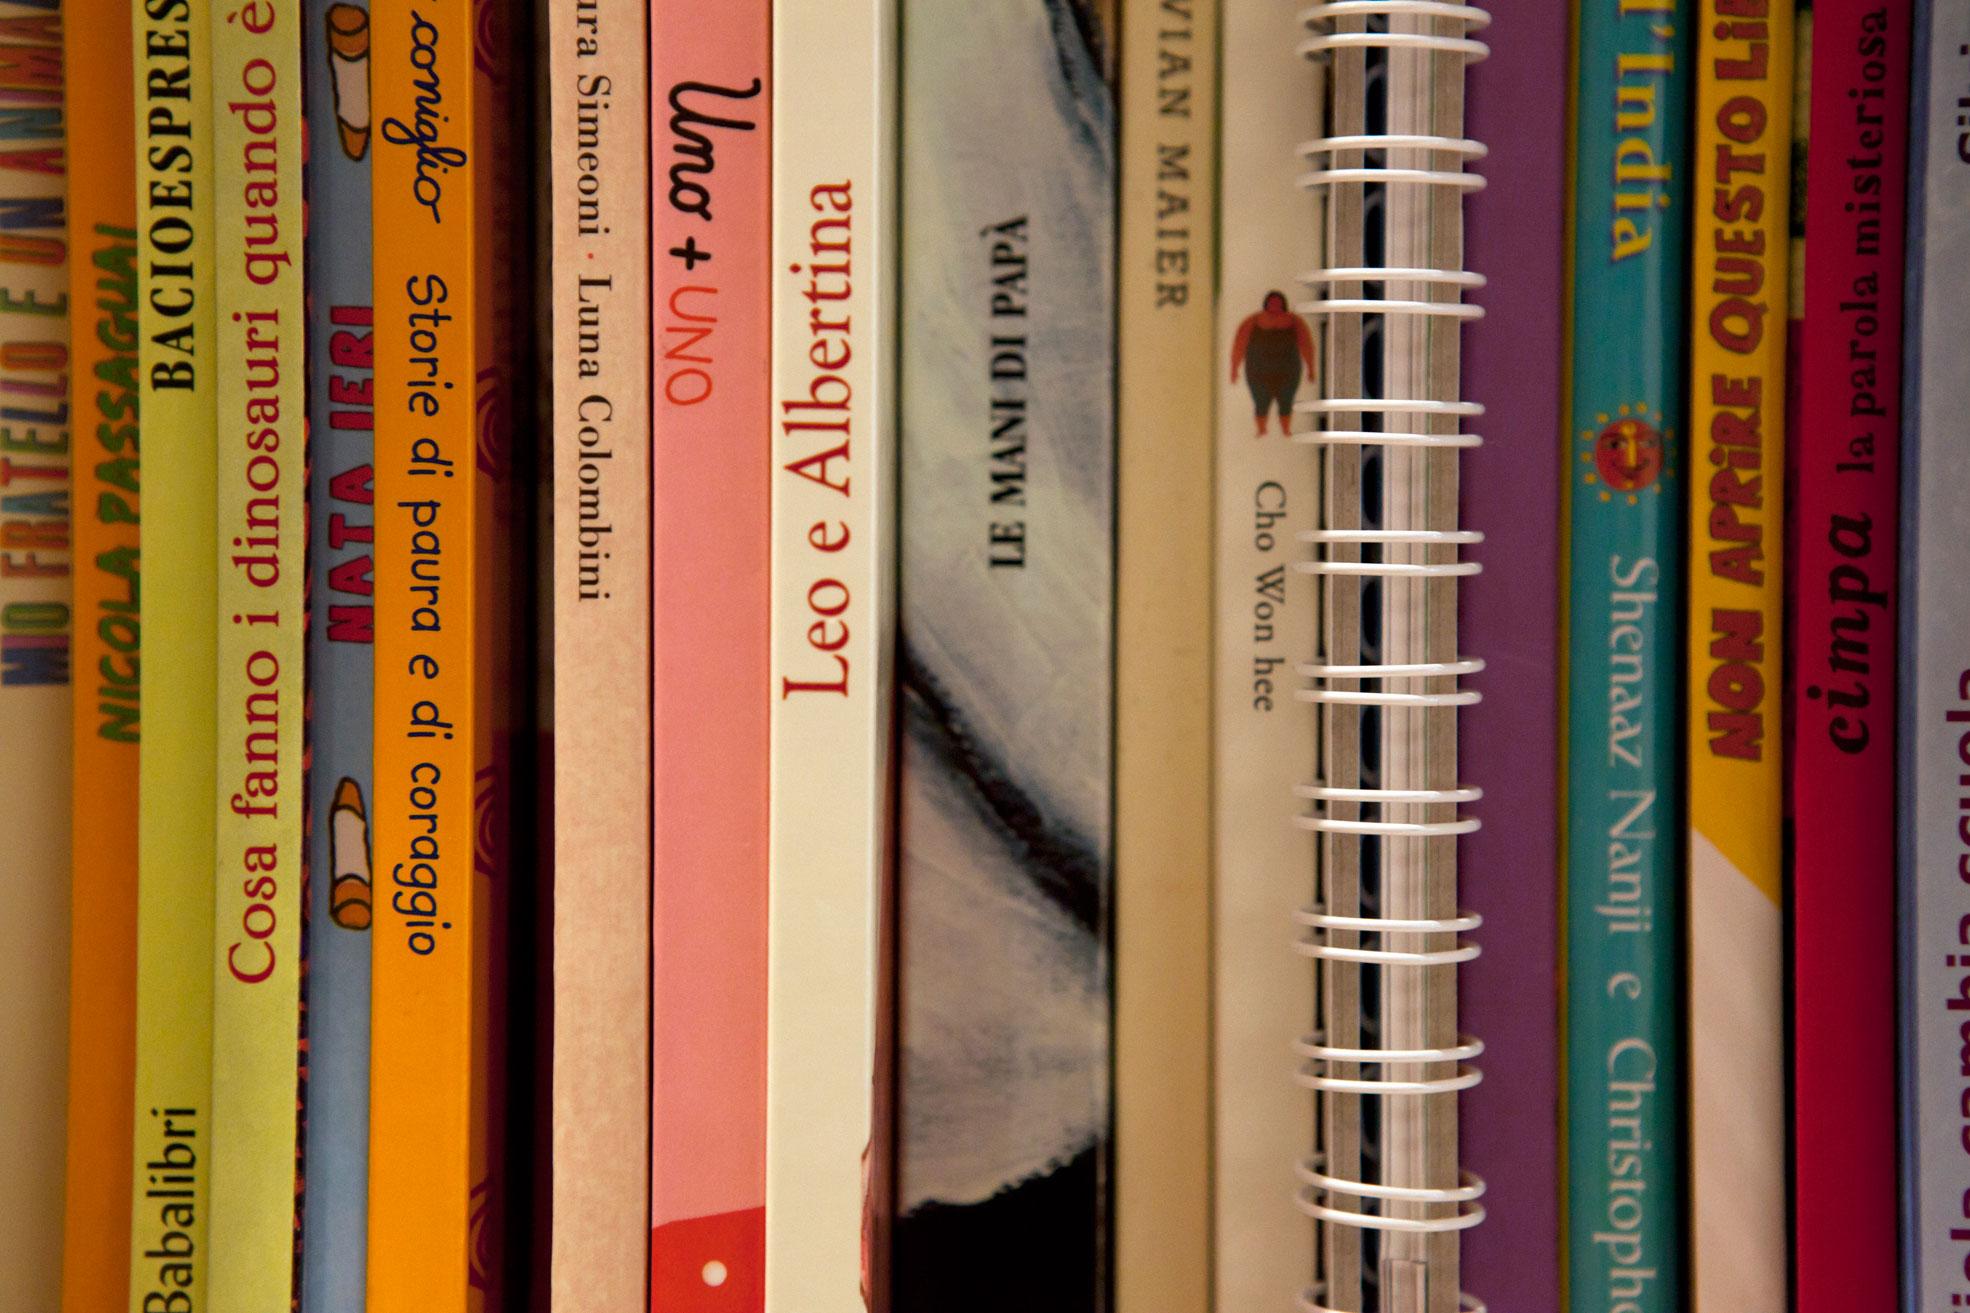 readredroad-libreria-roma-04